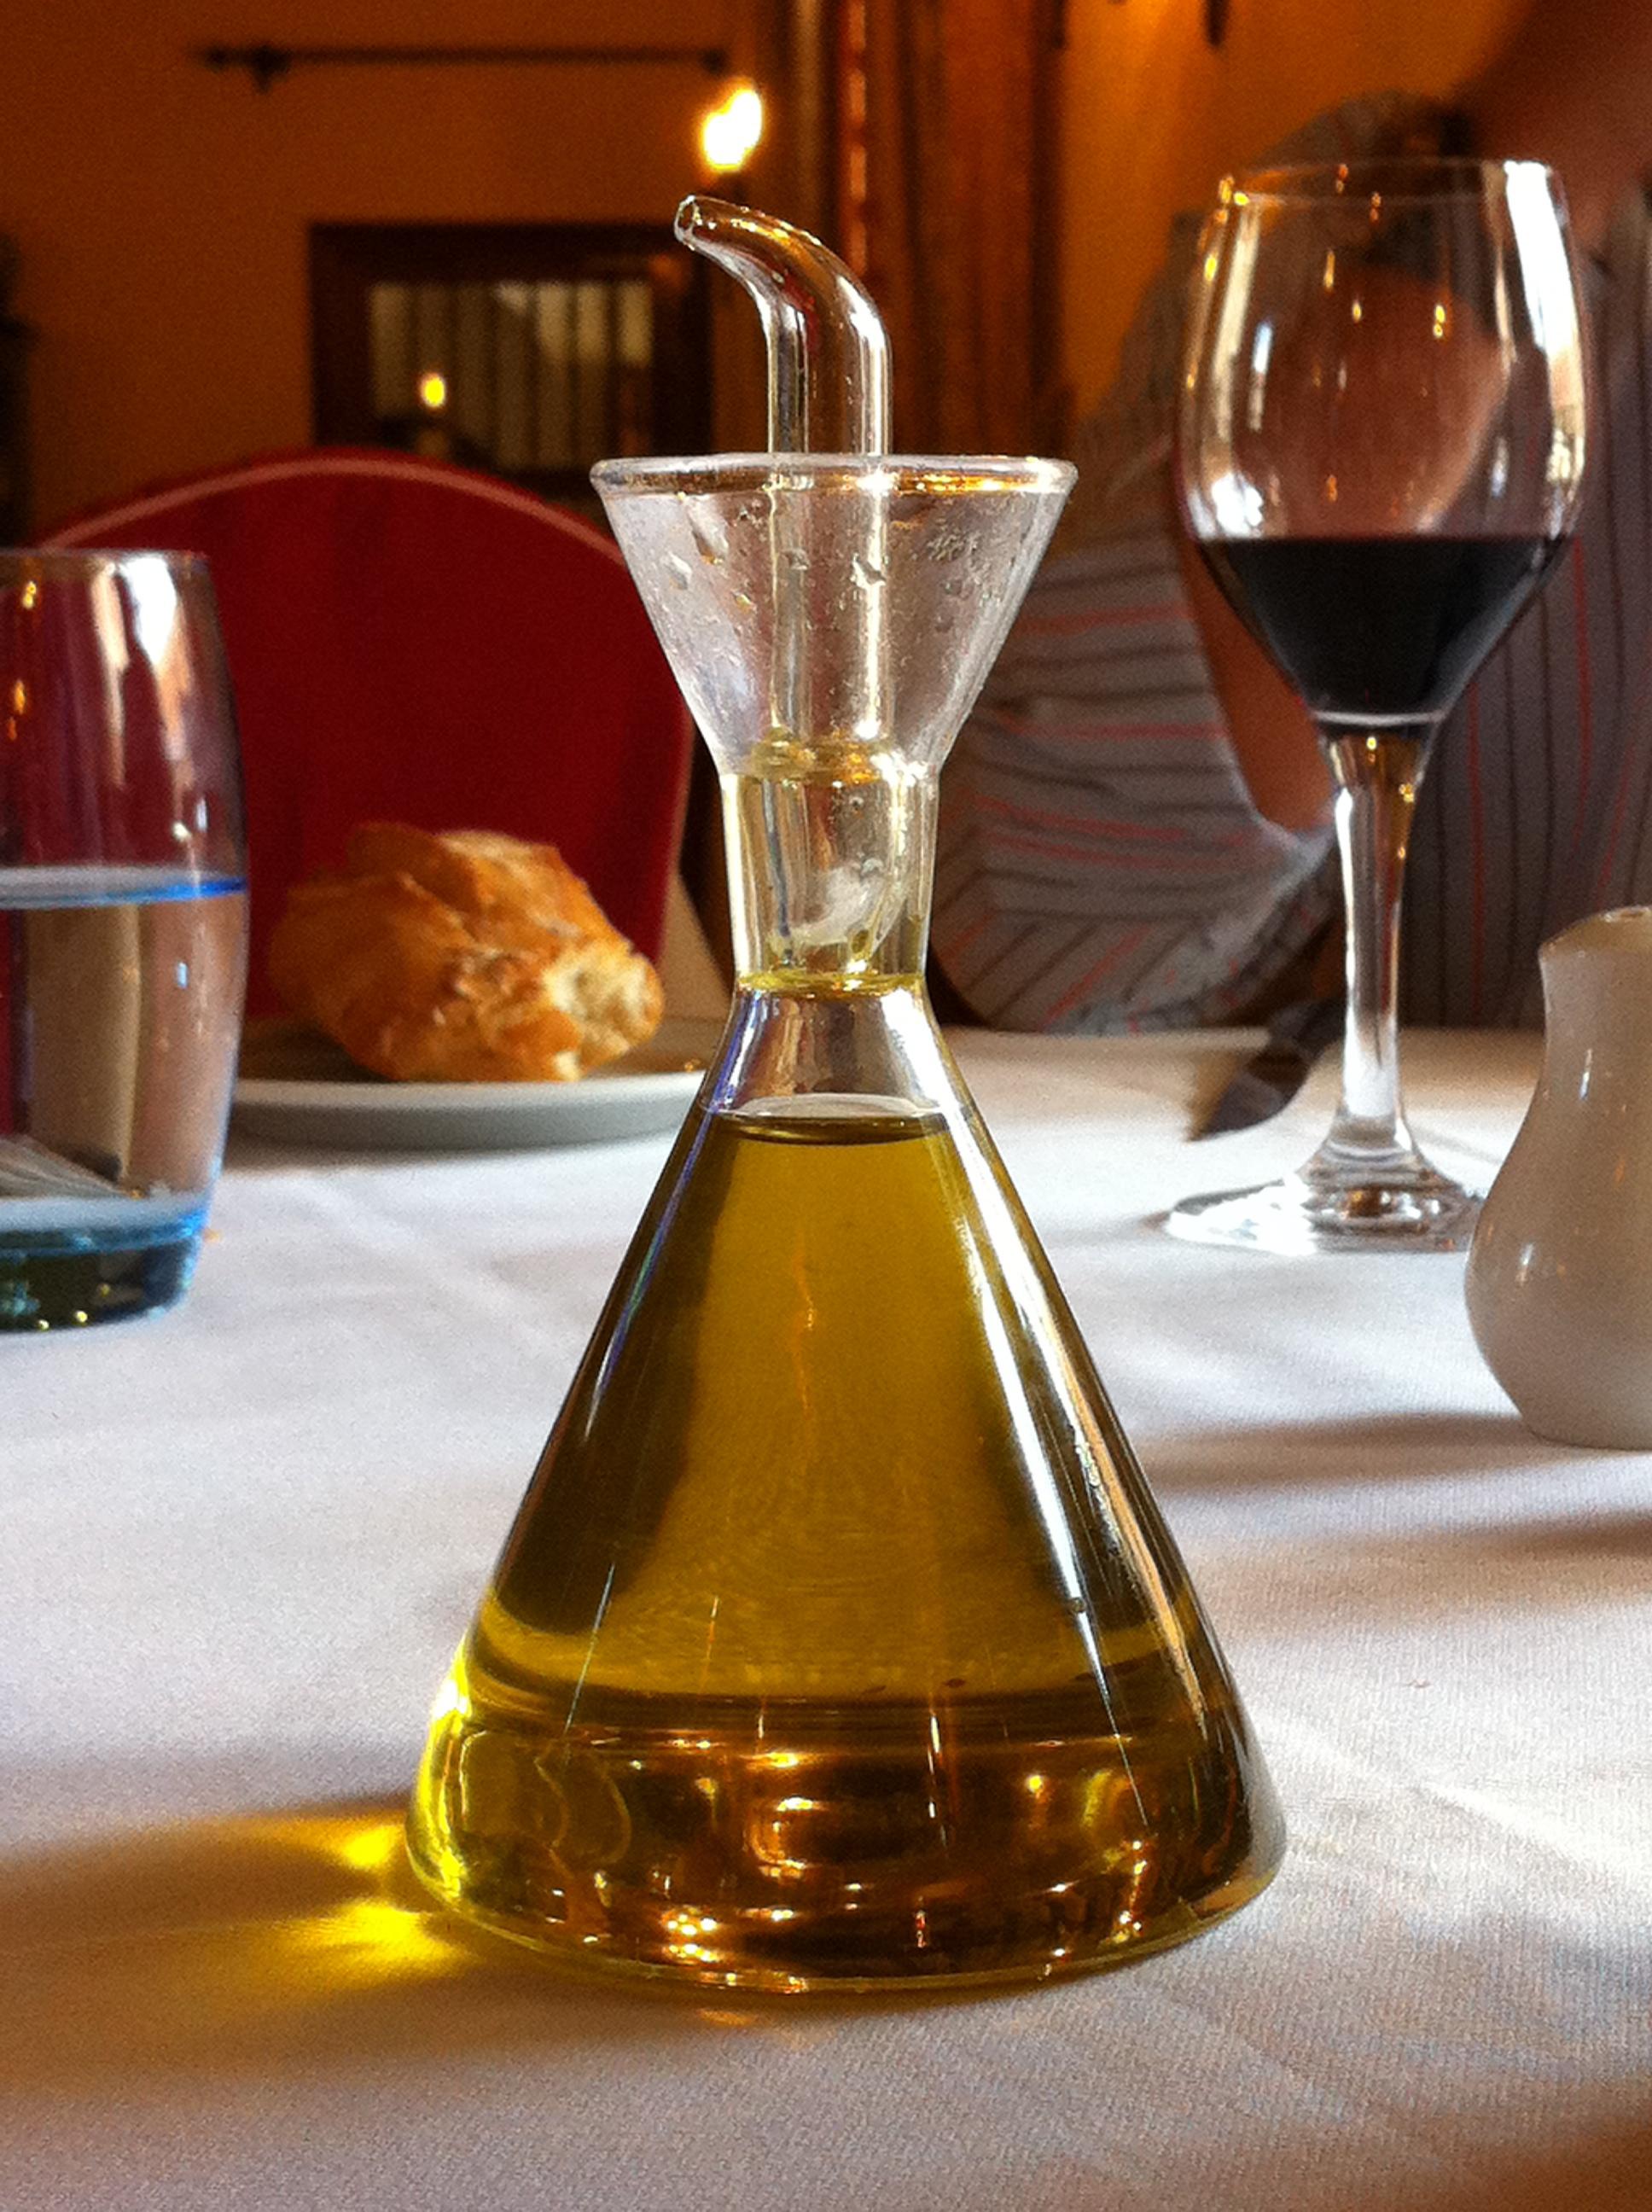 oliiviöljy paistaminen